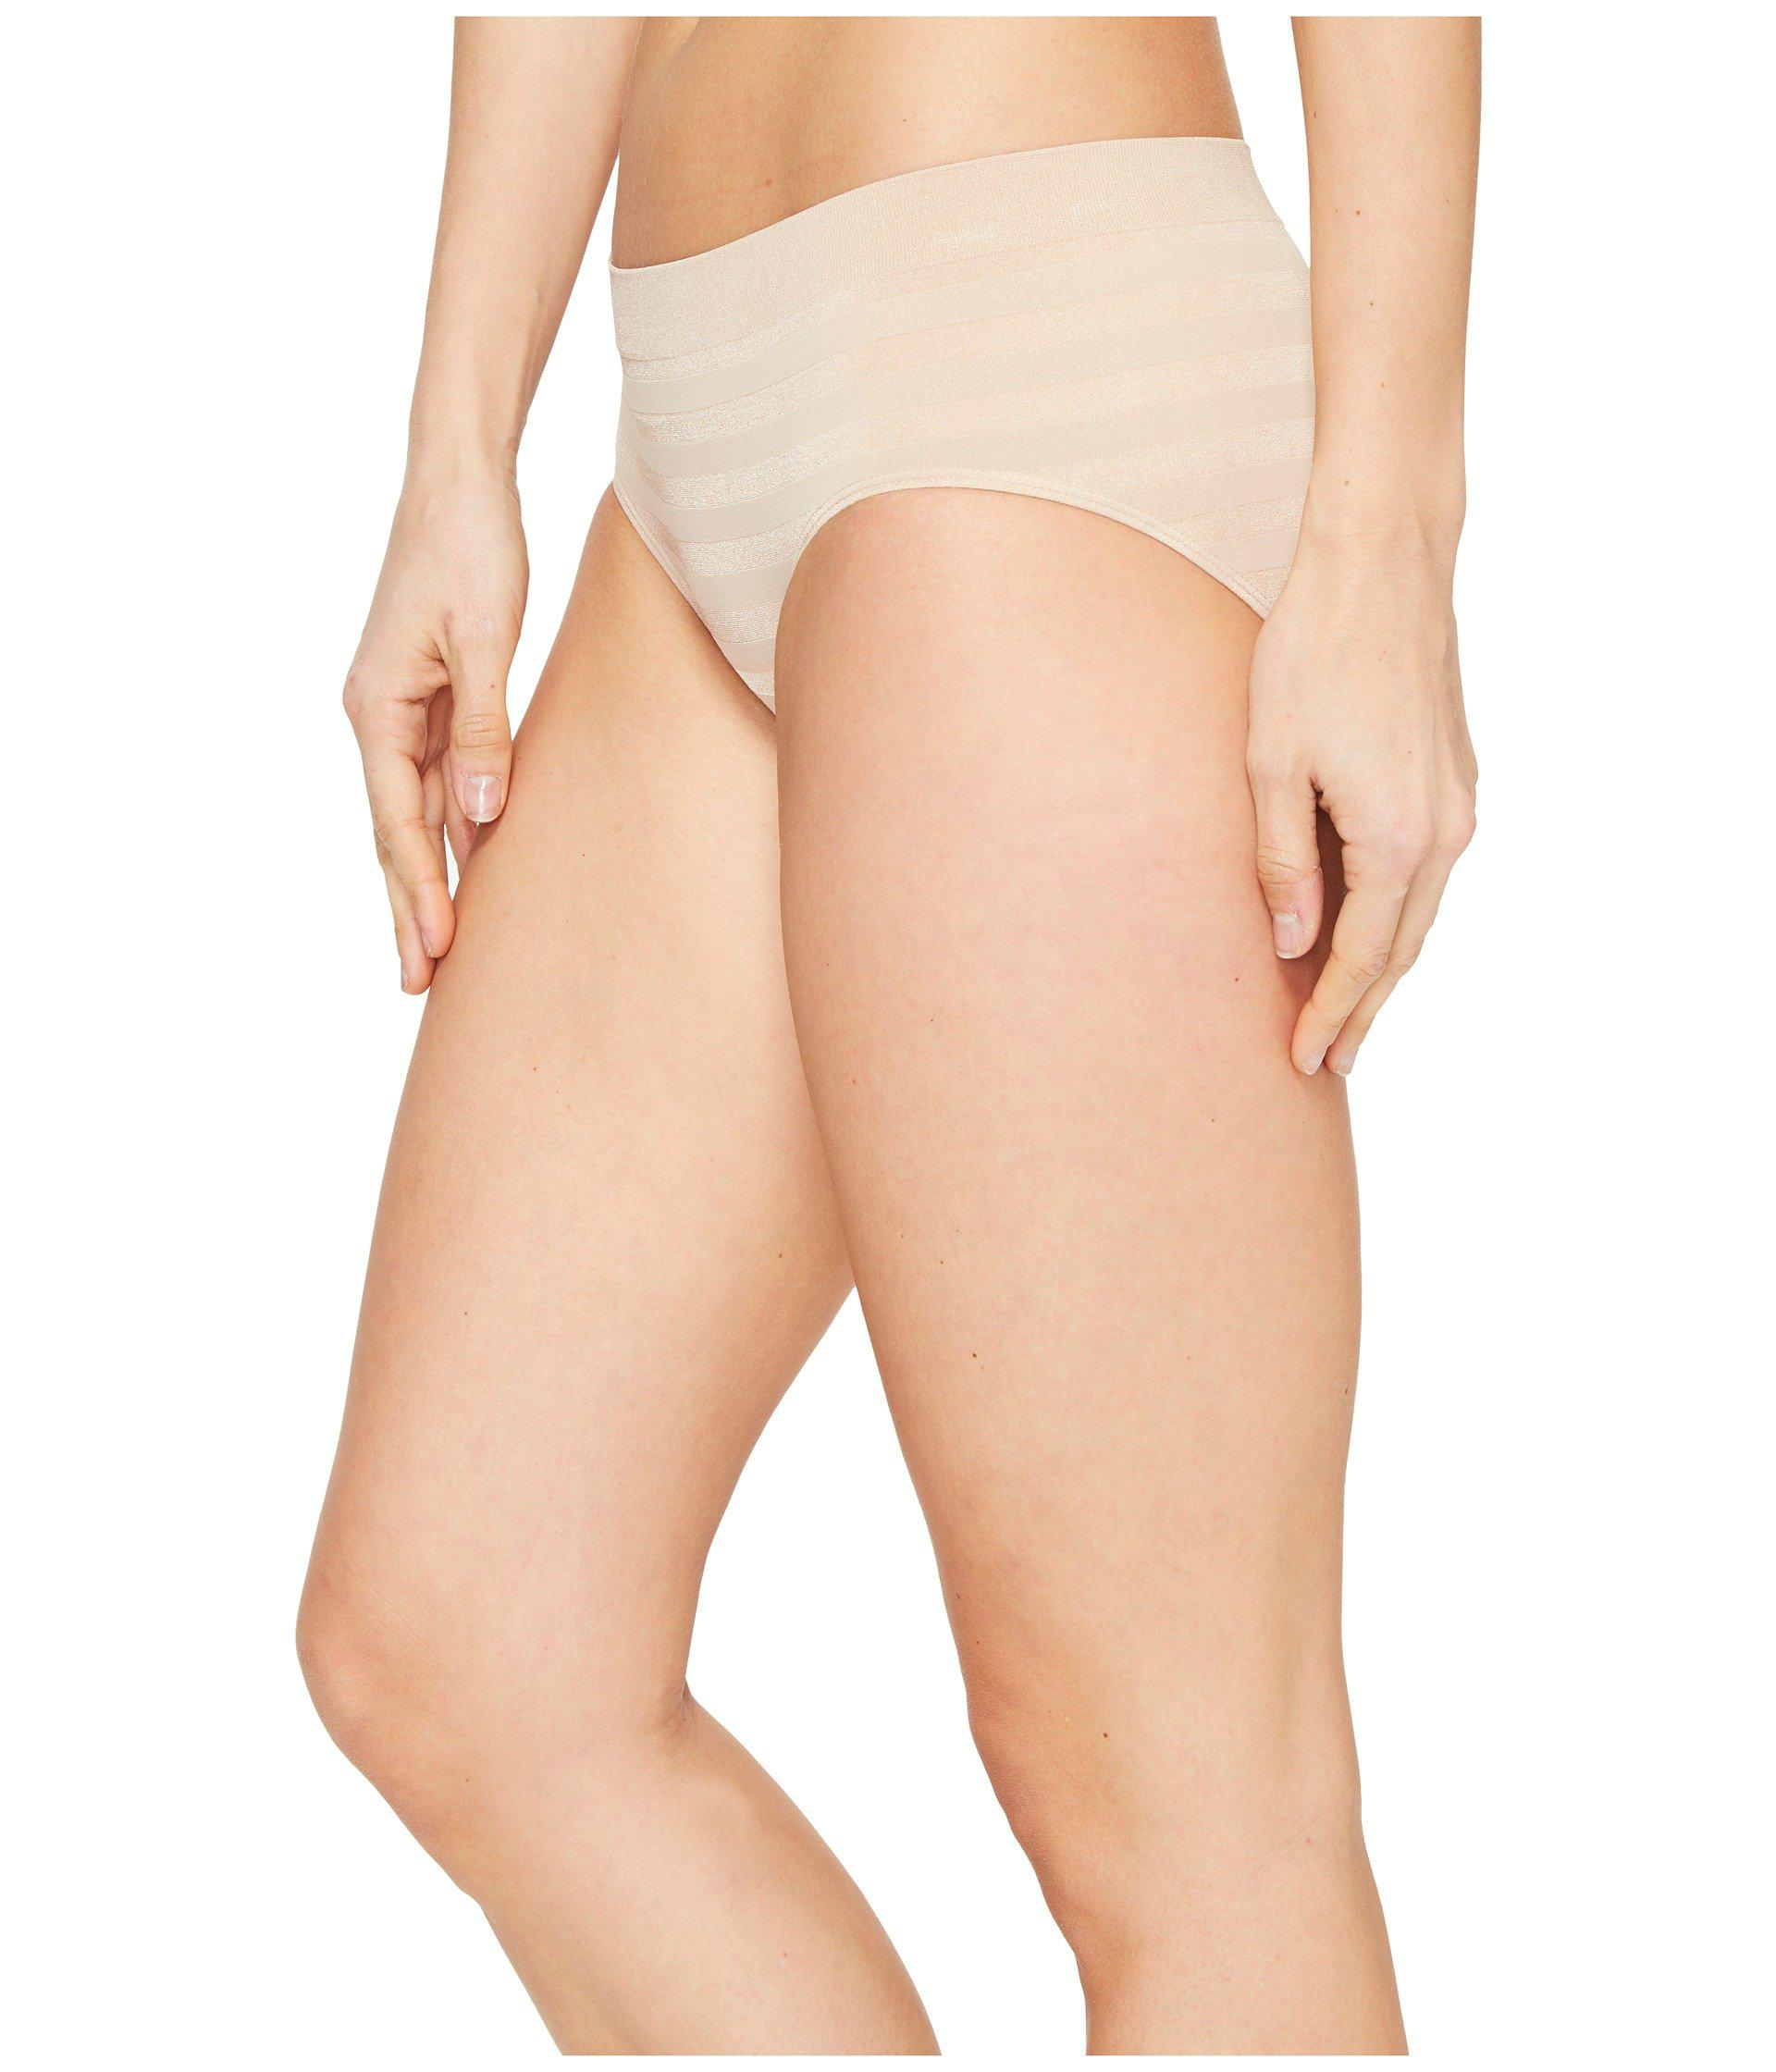 a9c425050a1b5 Lyst - Jockey Comfies(r) Matte Shine Hipster (light) Women s Underwear in  Natural